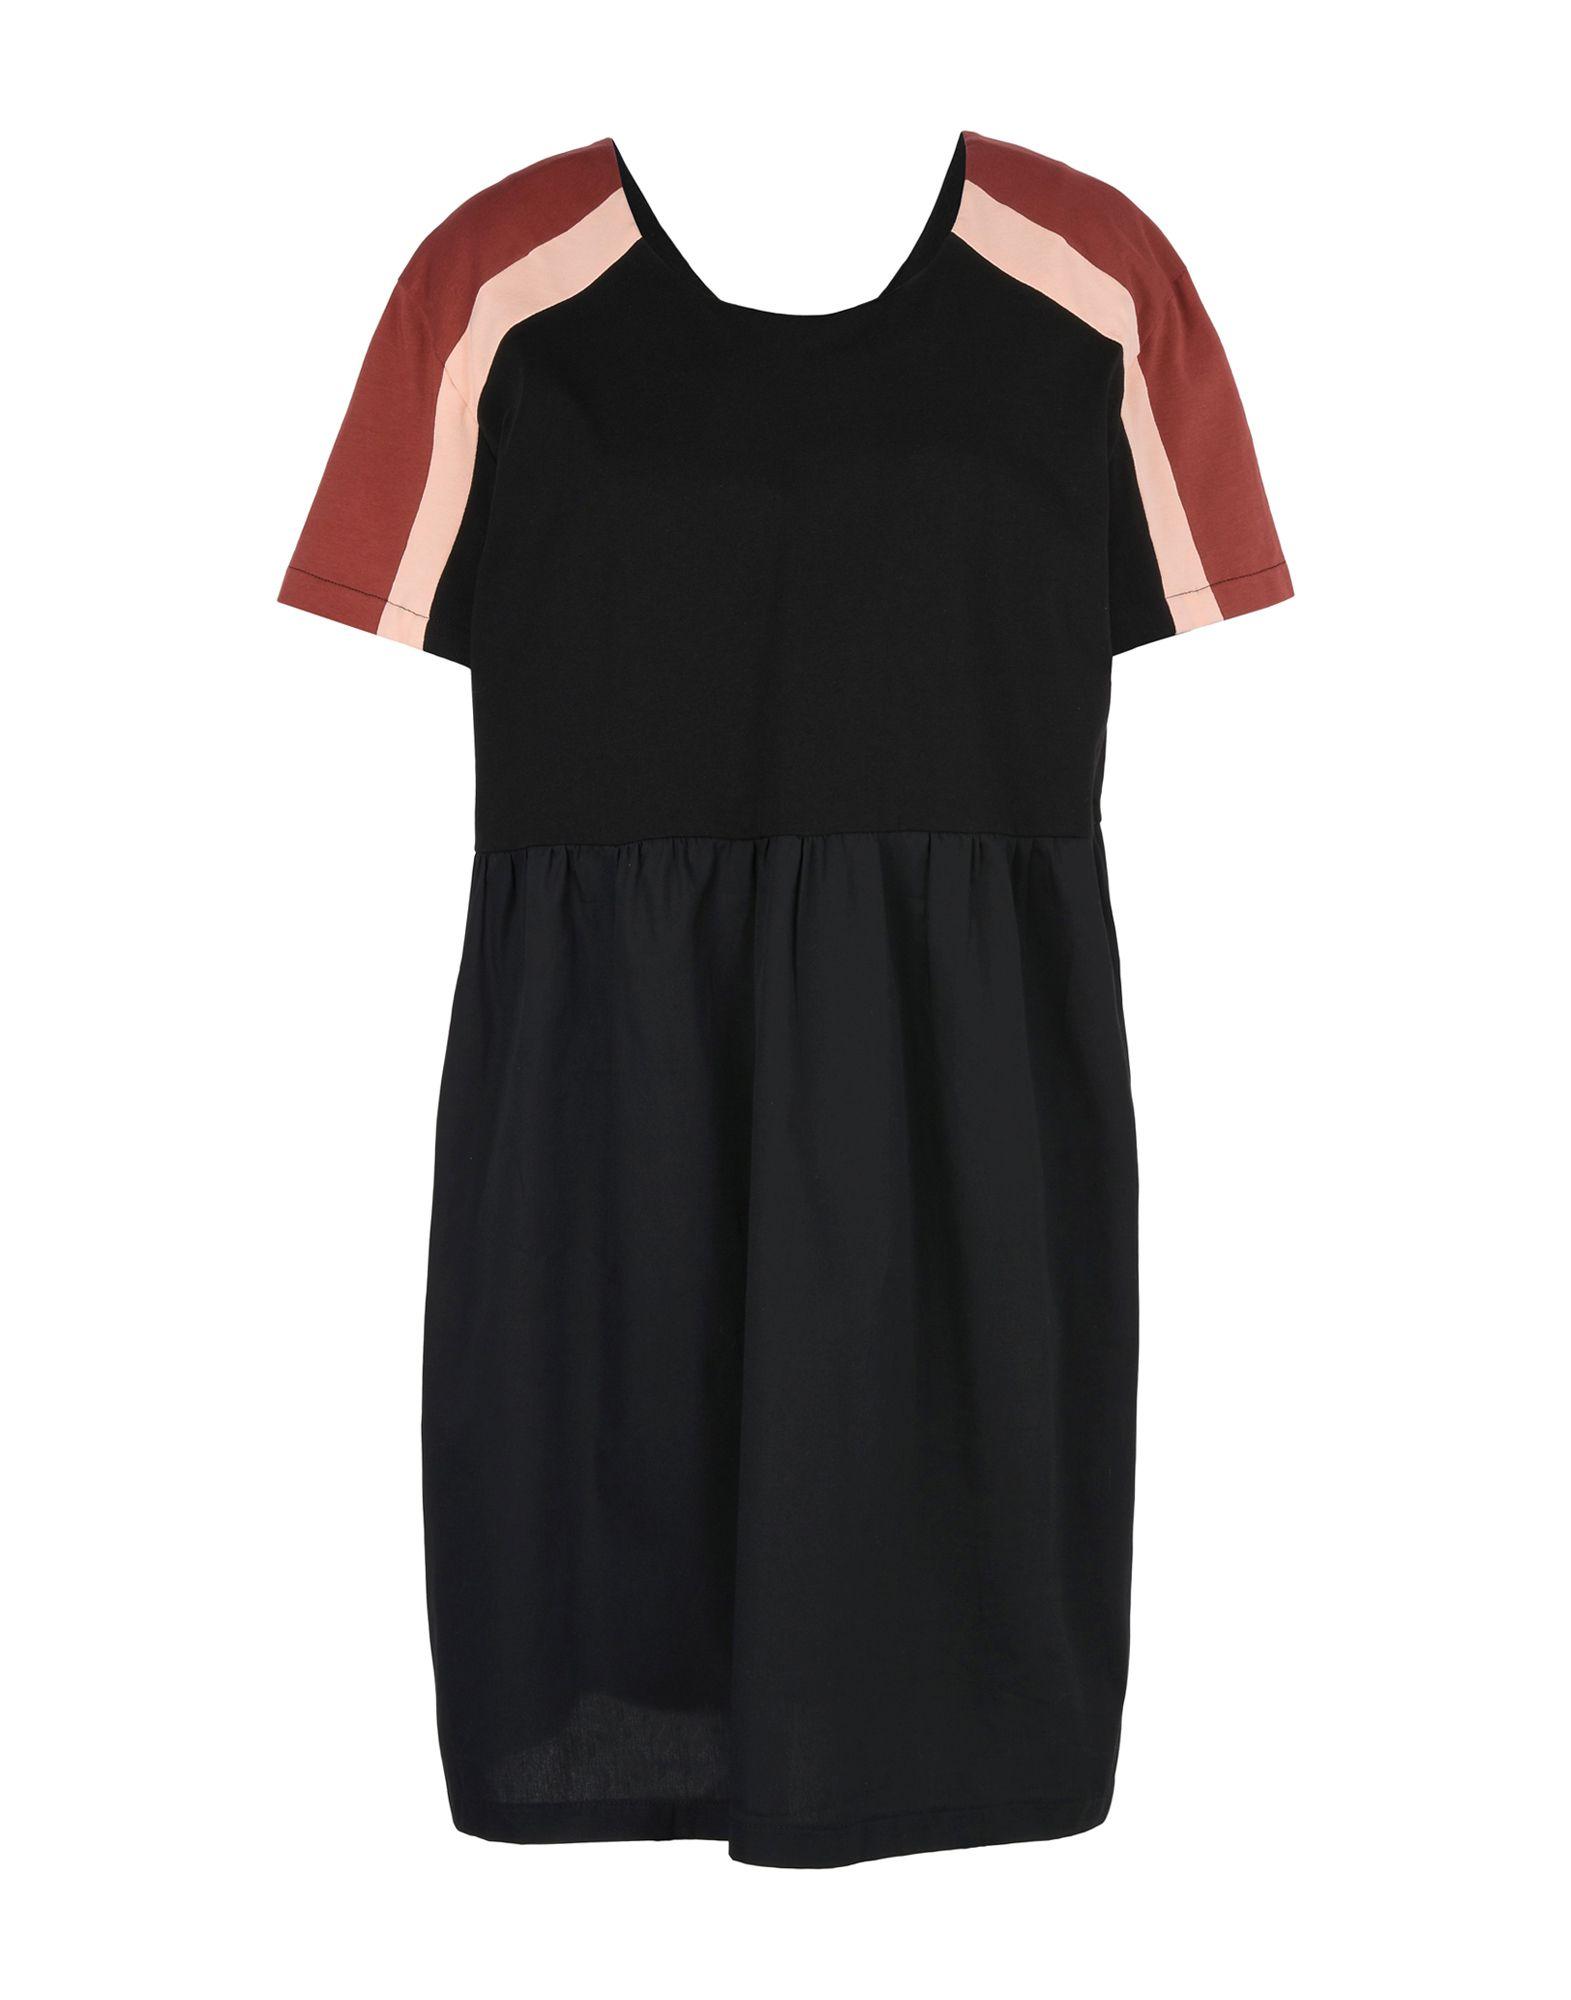 RIYKA Damen Kurzes Kleid Farbe Schwarz Größe 4